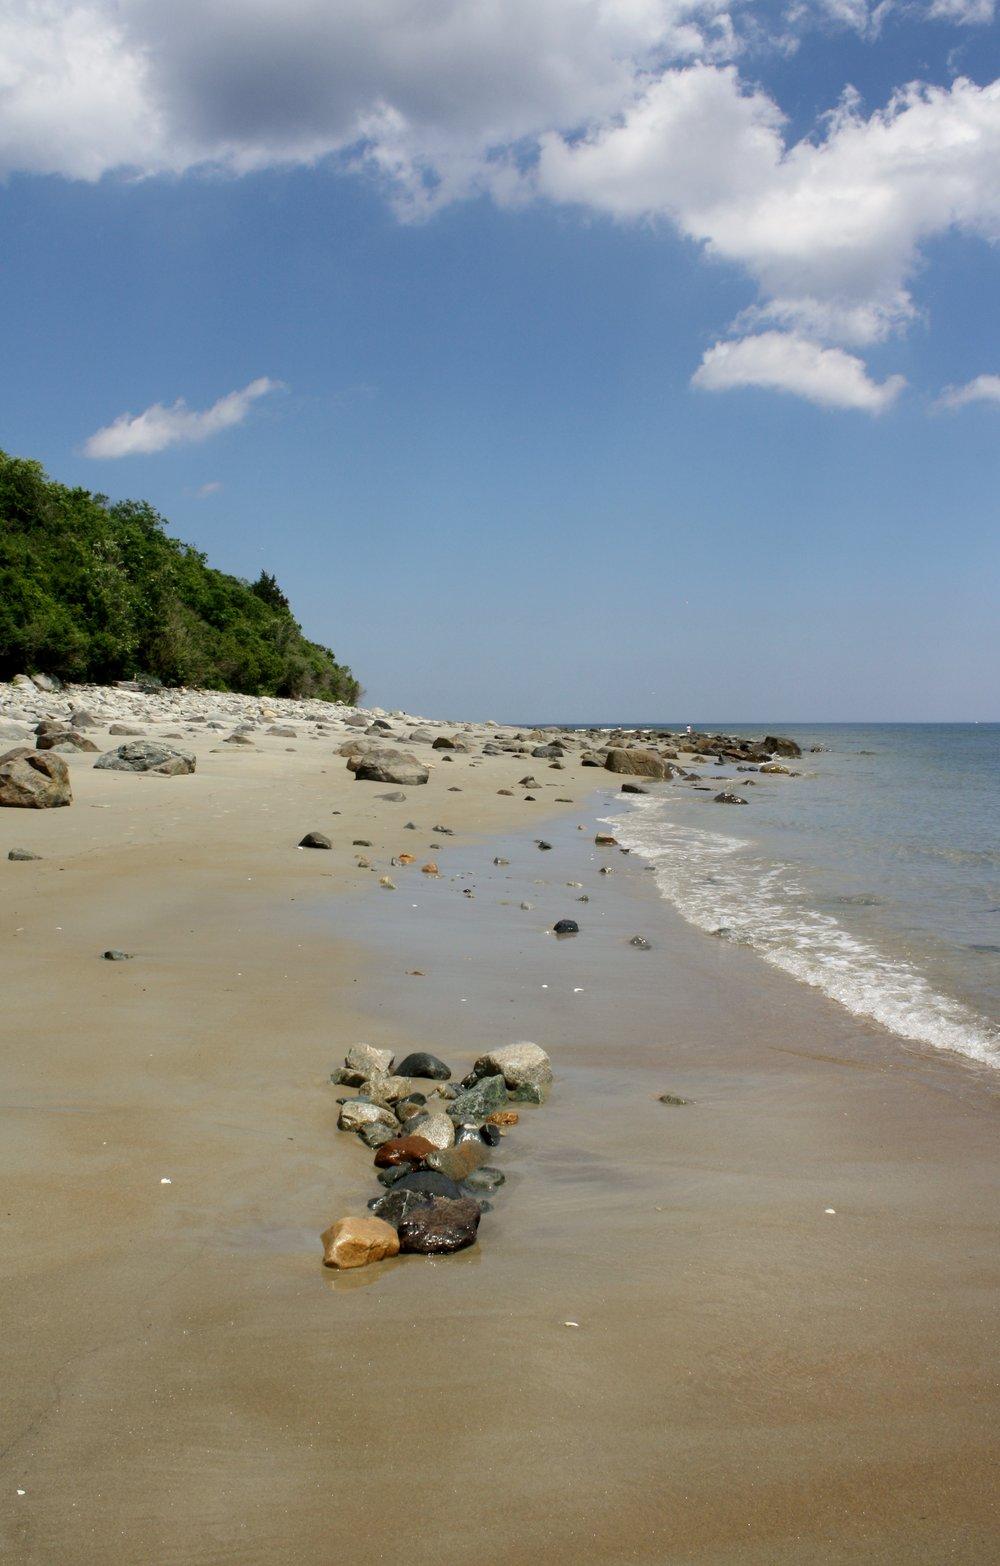 Rocks along the shore...